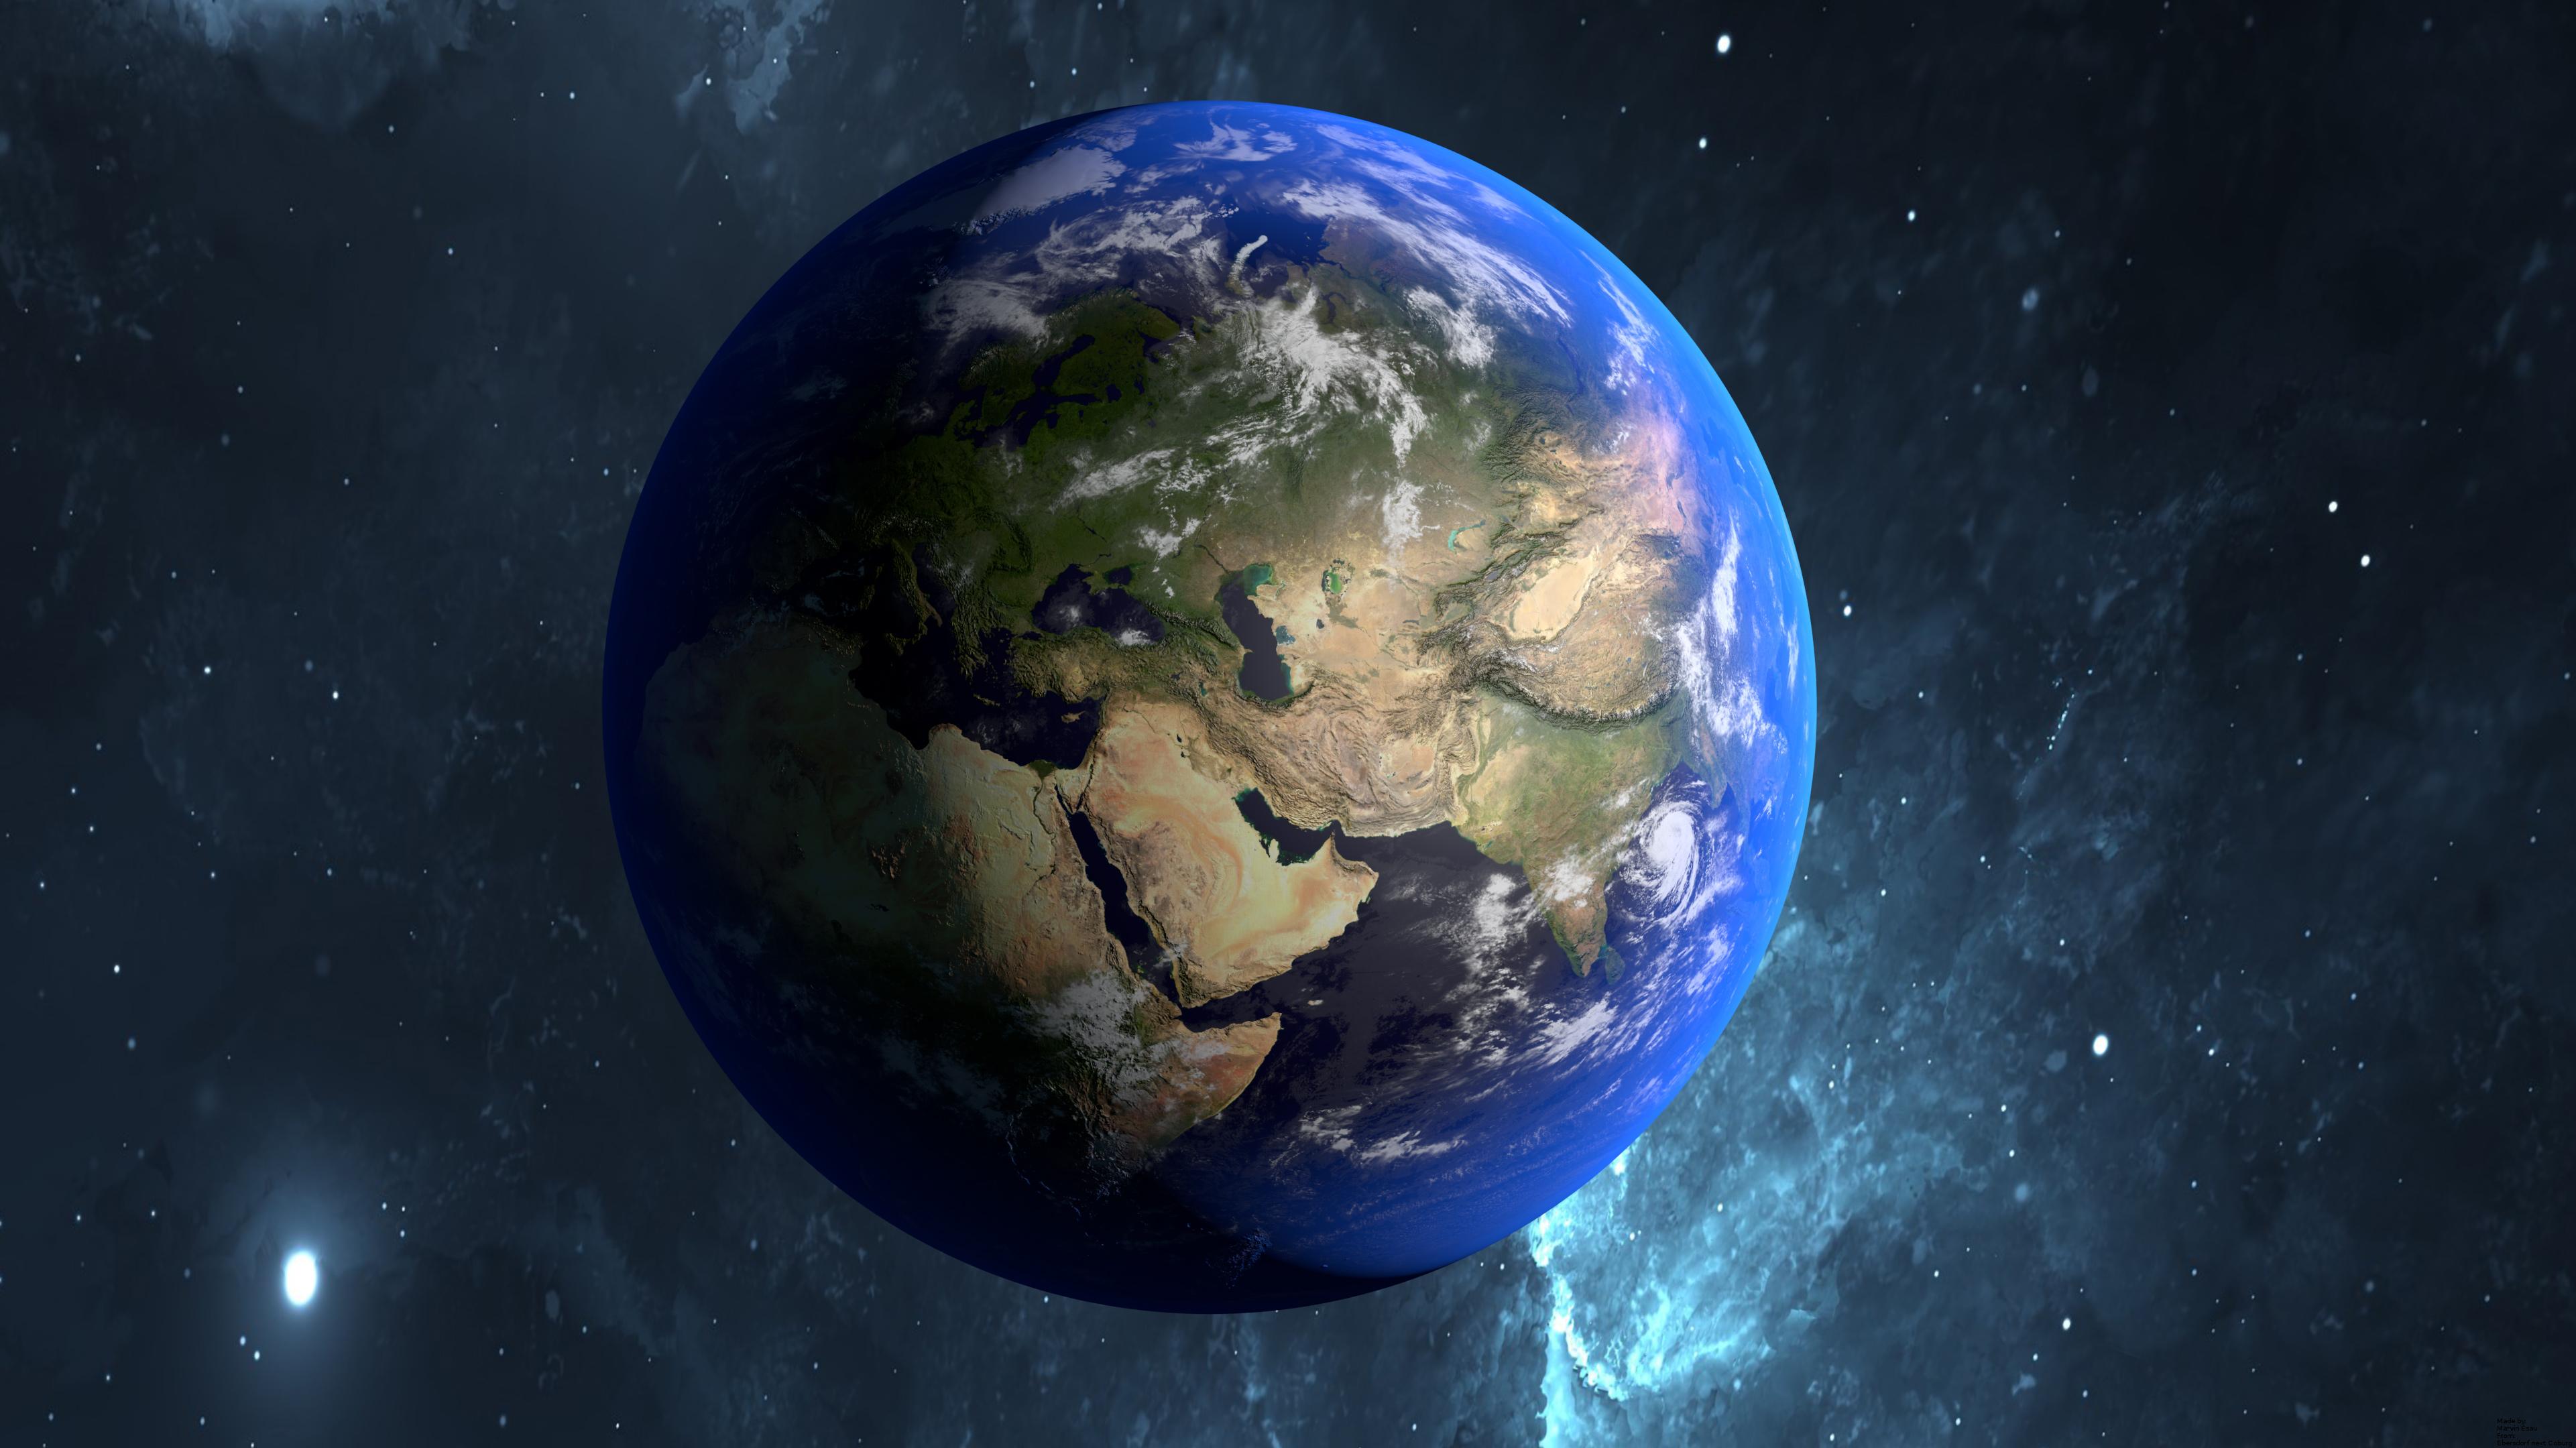 фото земли из космоса в высоком качестве просто